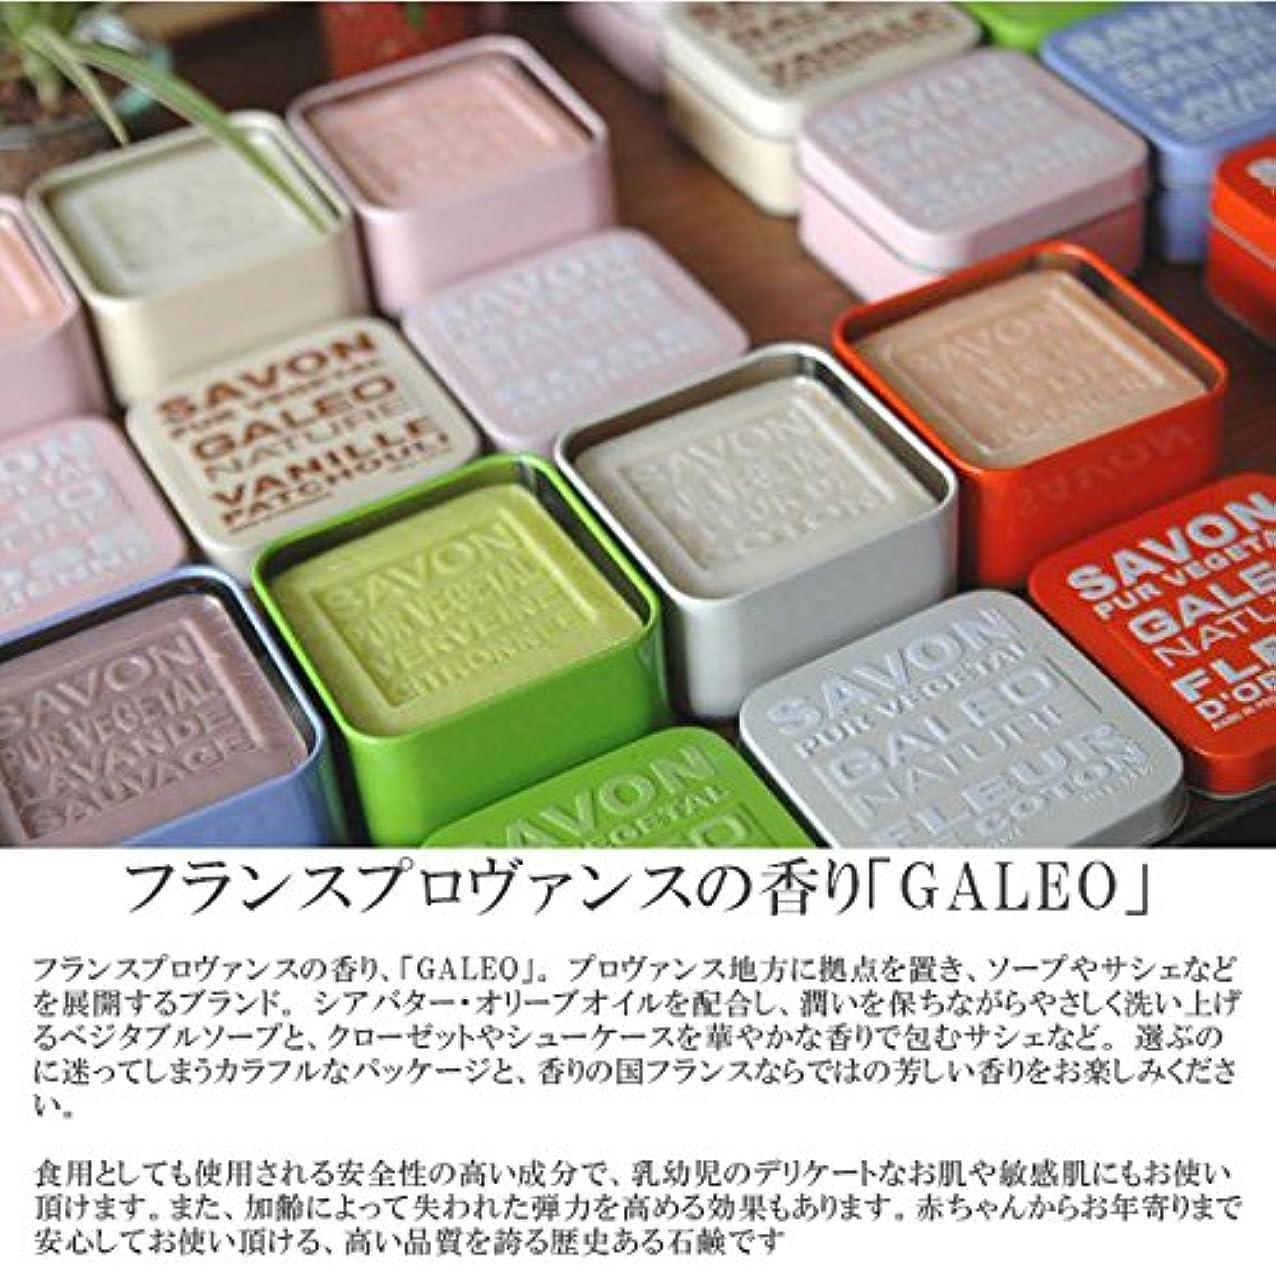 チケット制限された合わせて(ガレオ)GALEO ga-002ベジタブルソープ GALEO BAR SOAP METAL/GA-002/ OldRose